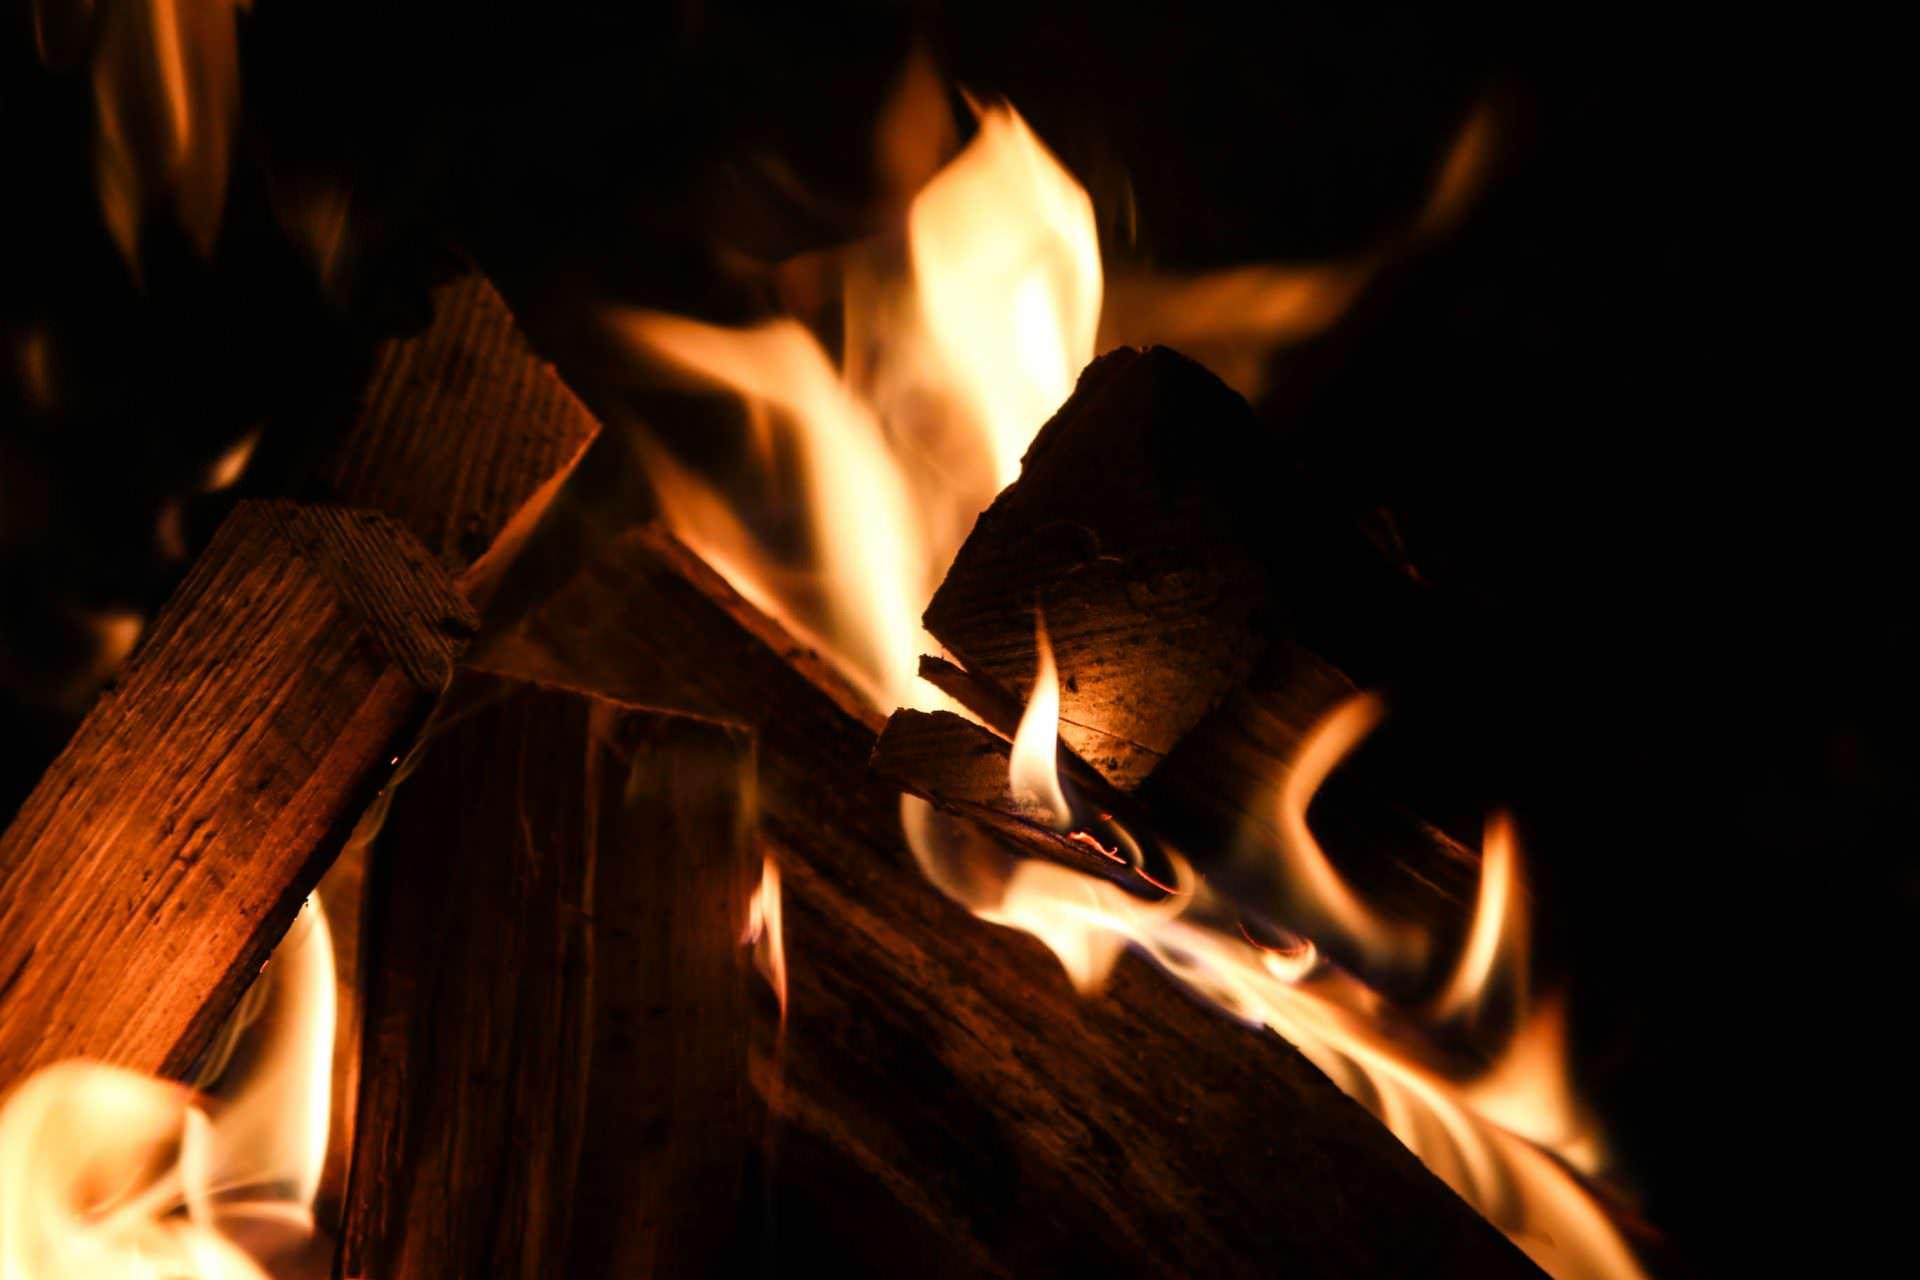 Impressionen vom Lagerfeuer